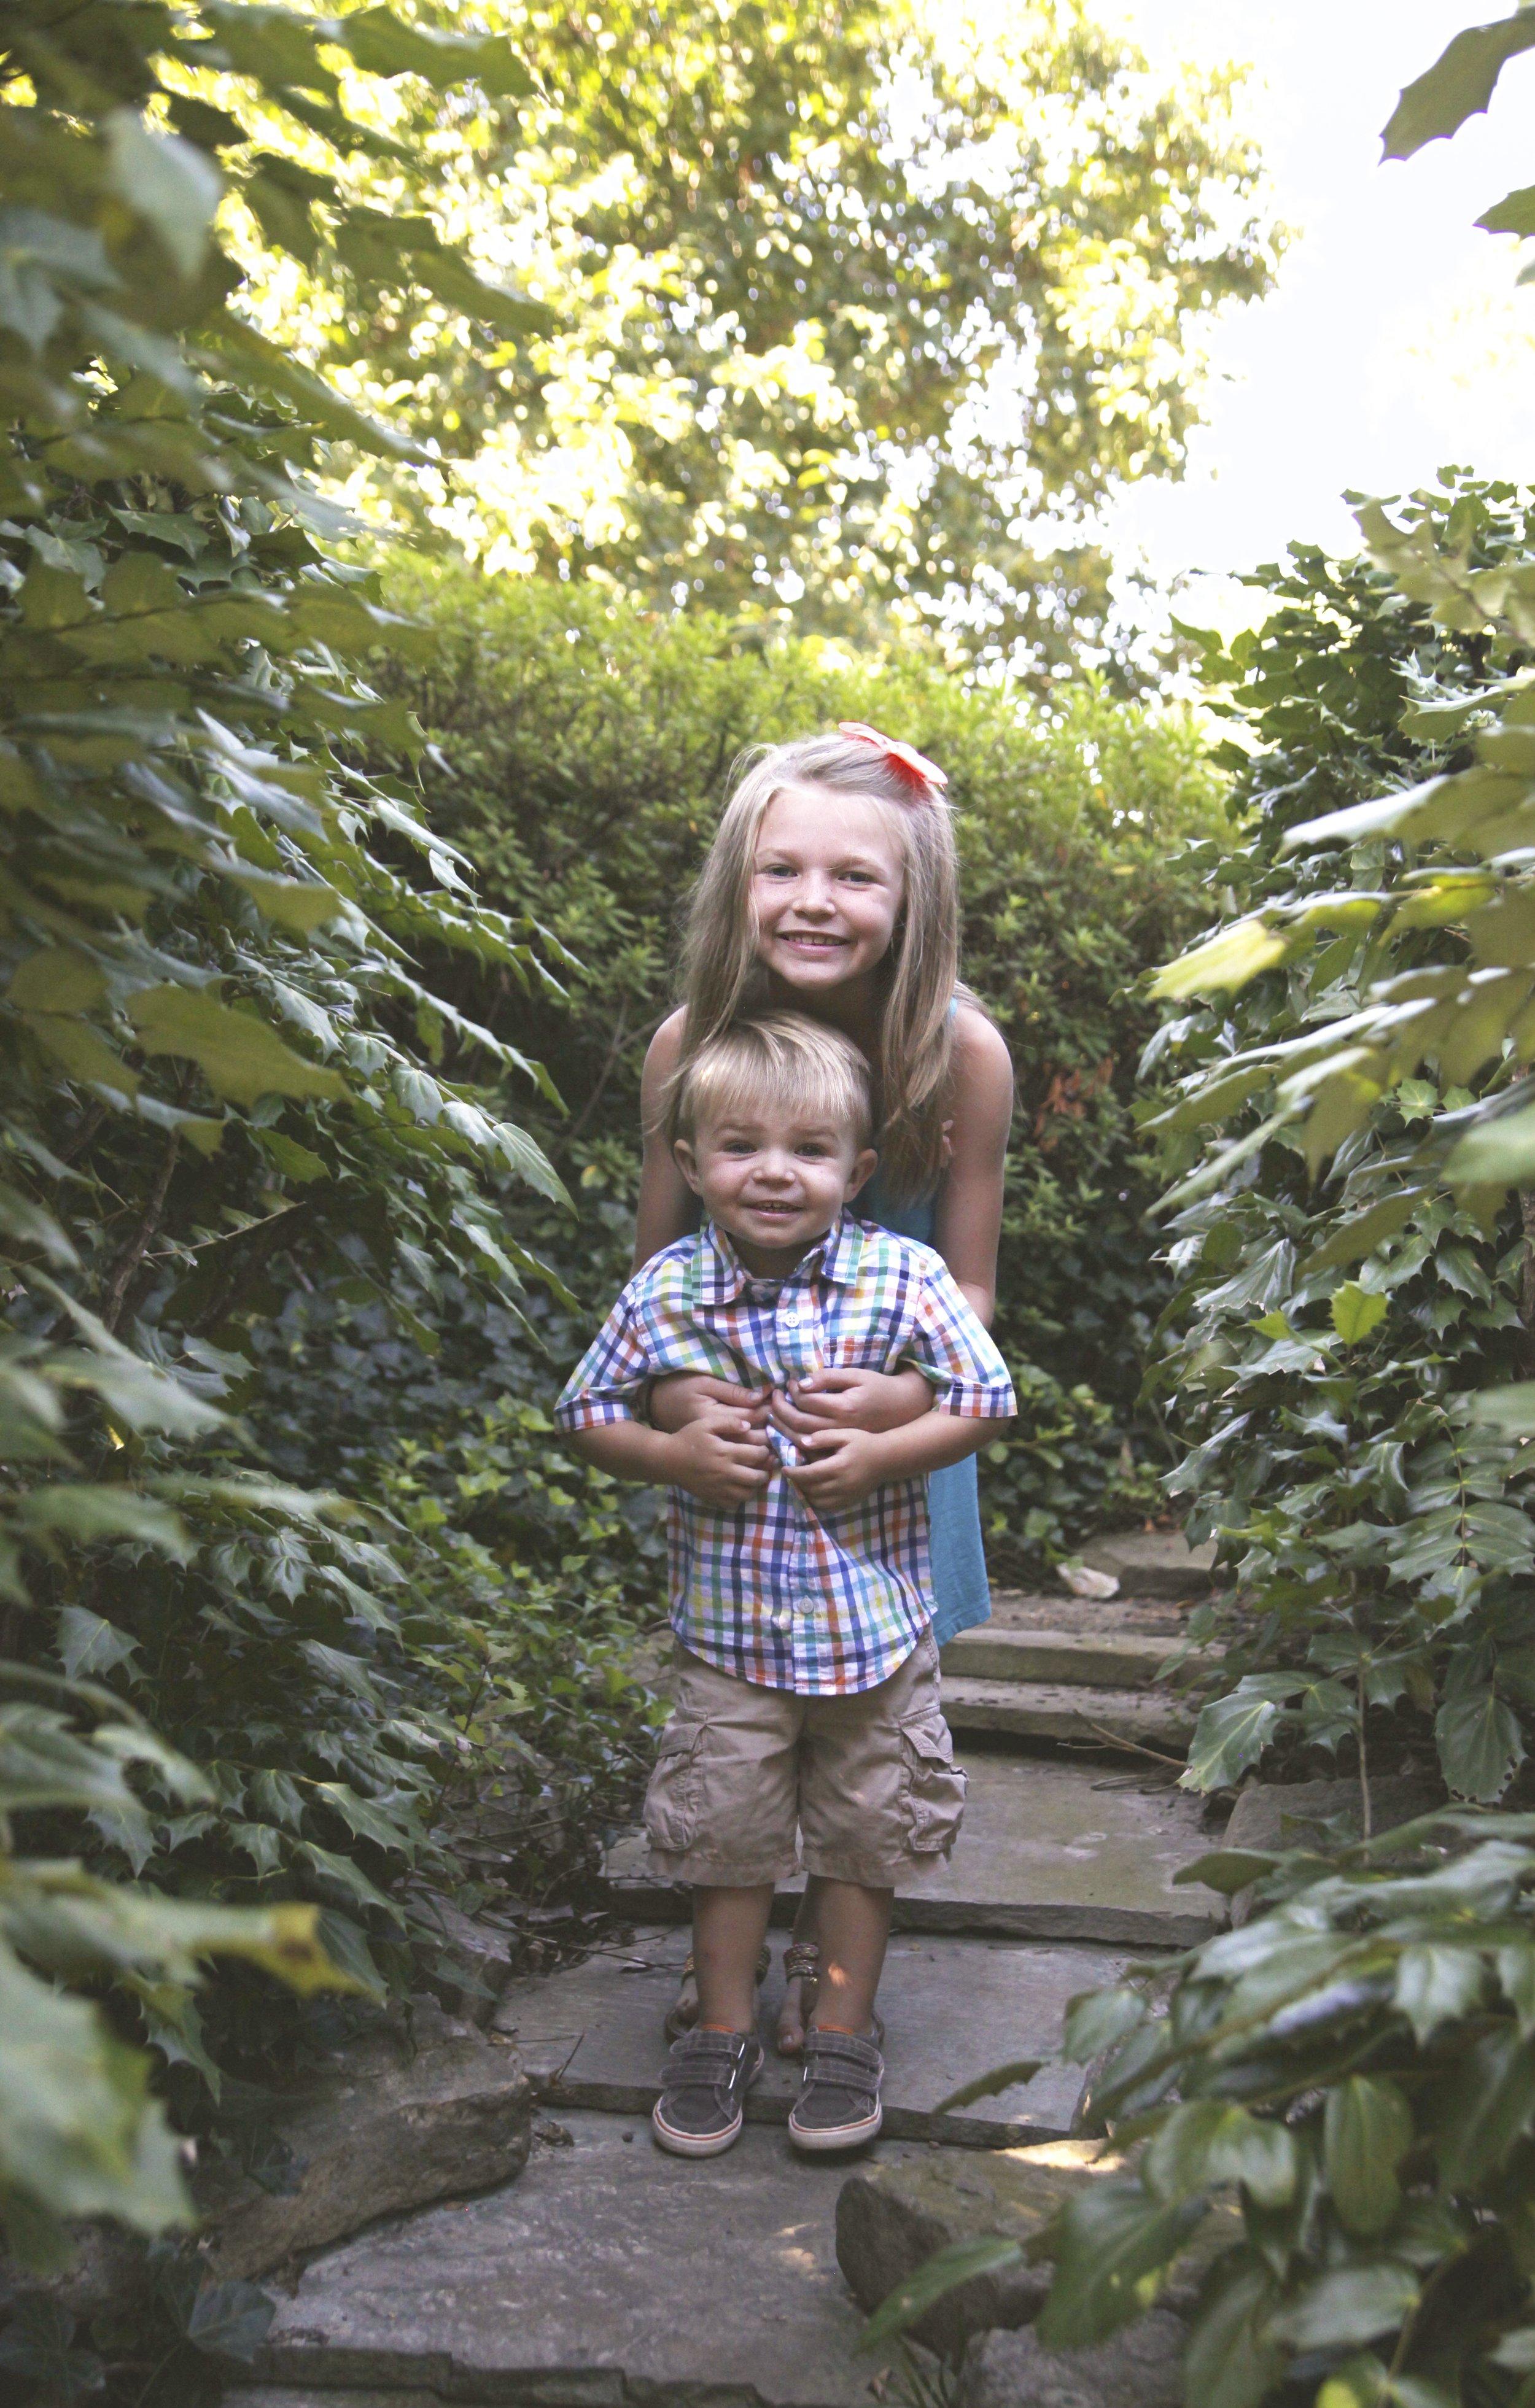 Family-Photos-at-Memorial-Gardens